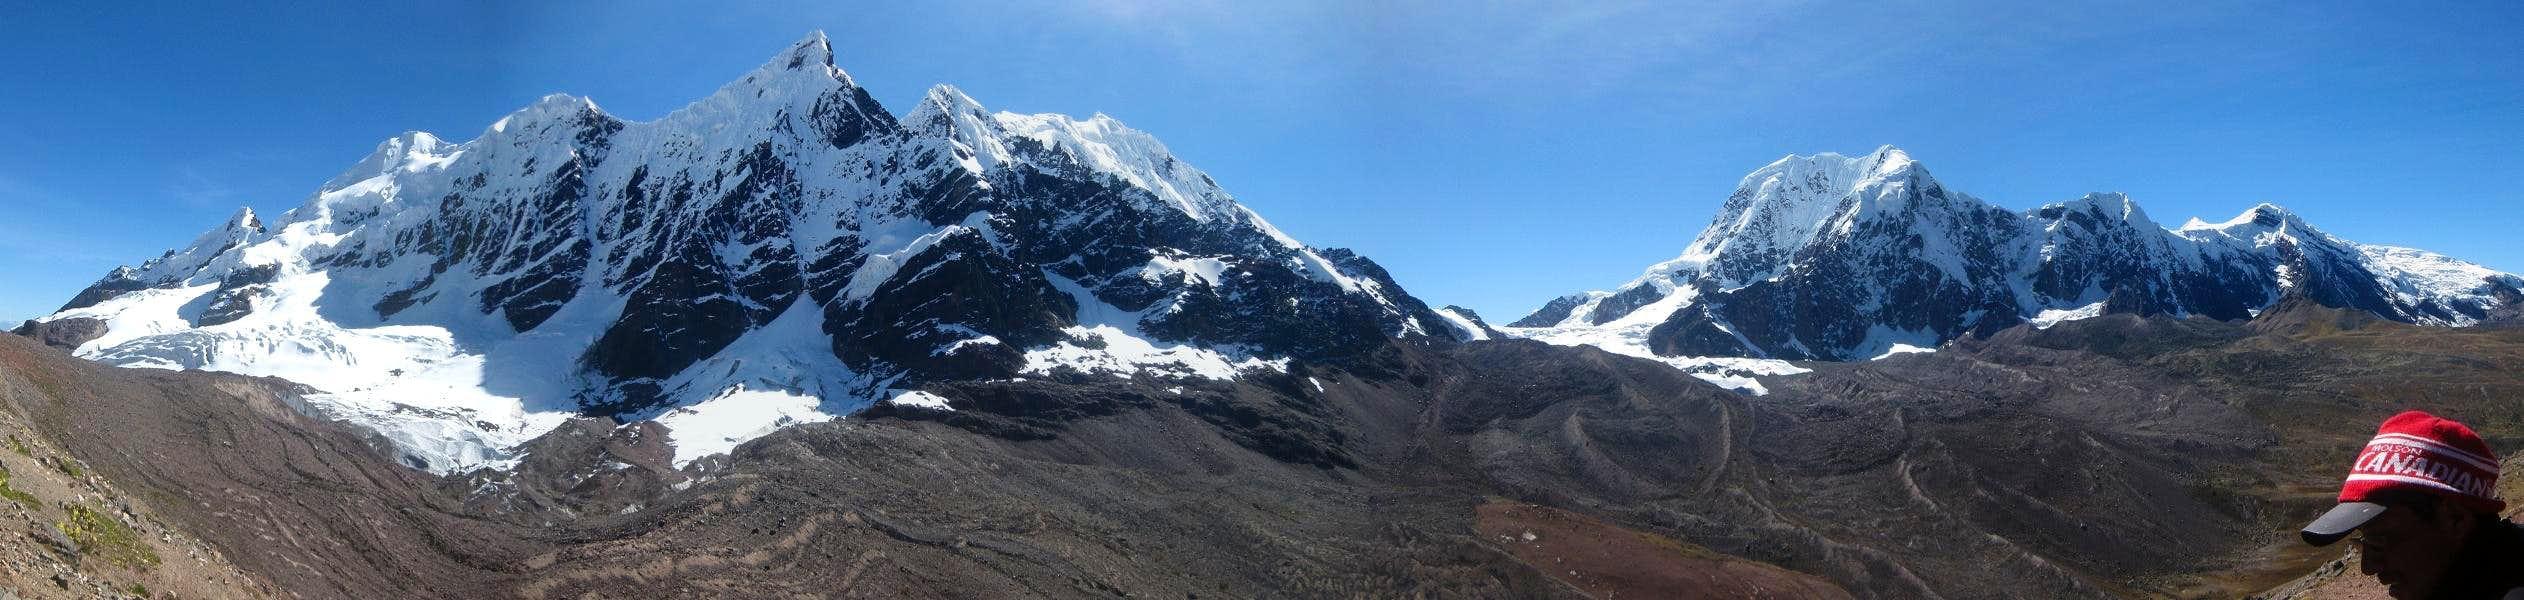 Vilcanota Panorama